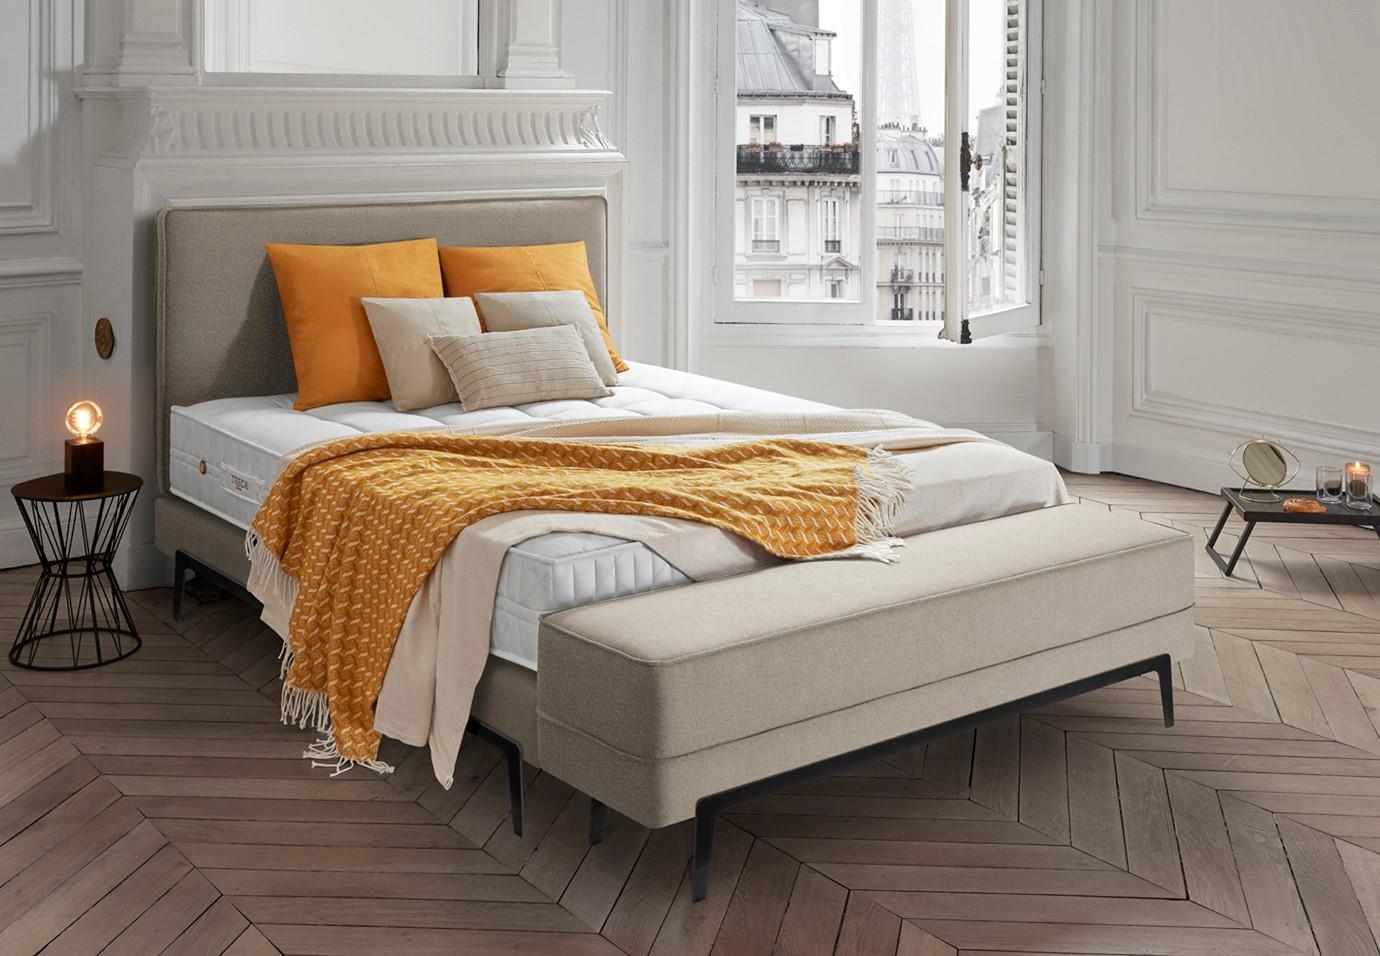 Boxspringbett von Treca in beige mit passender Bettbank